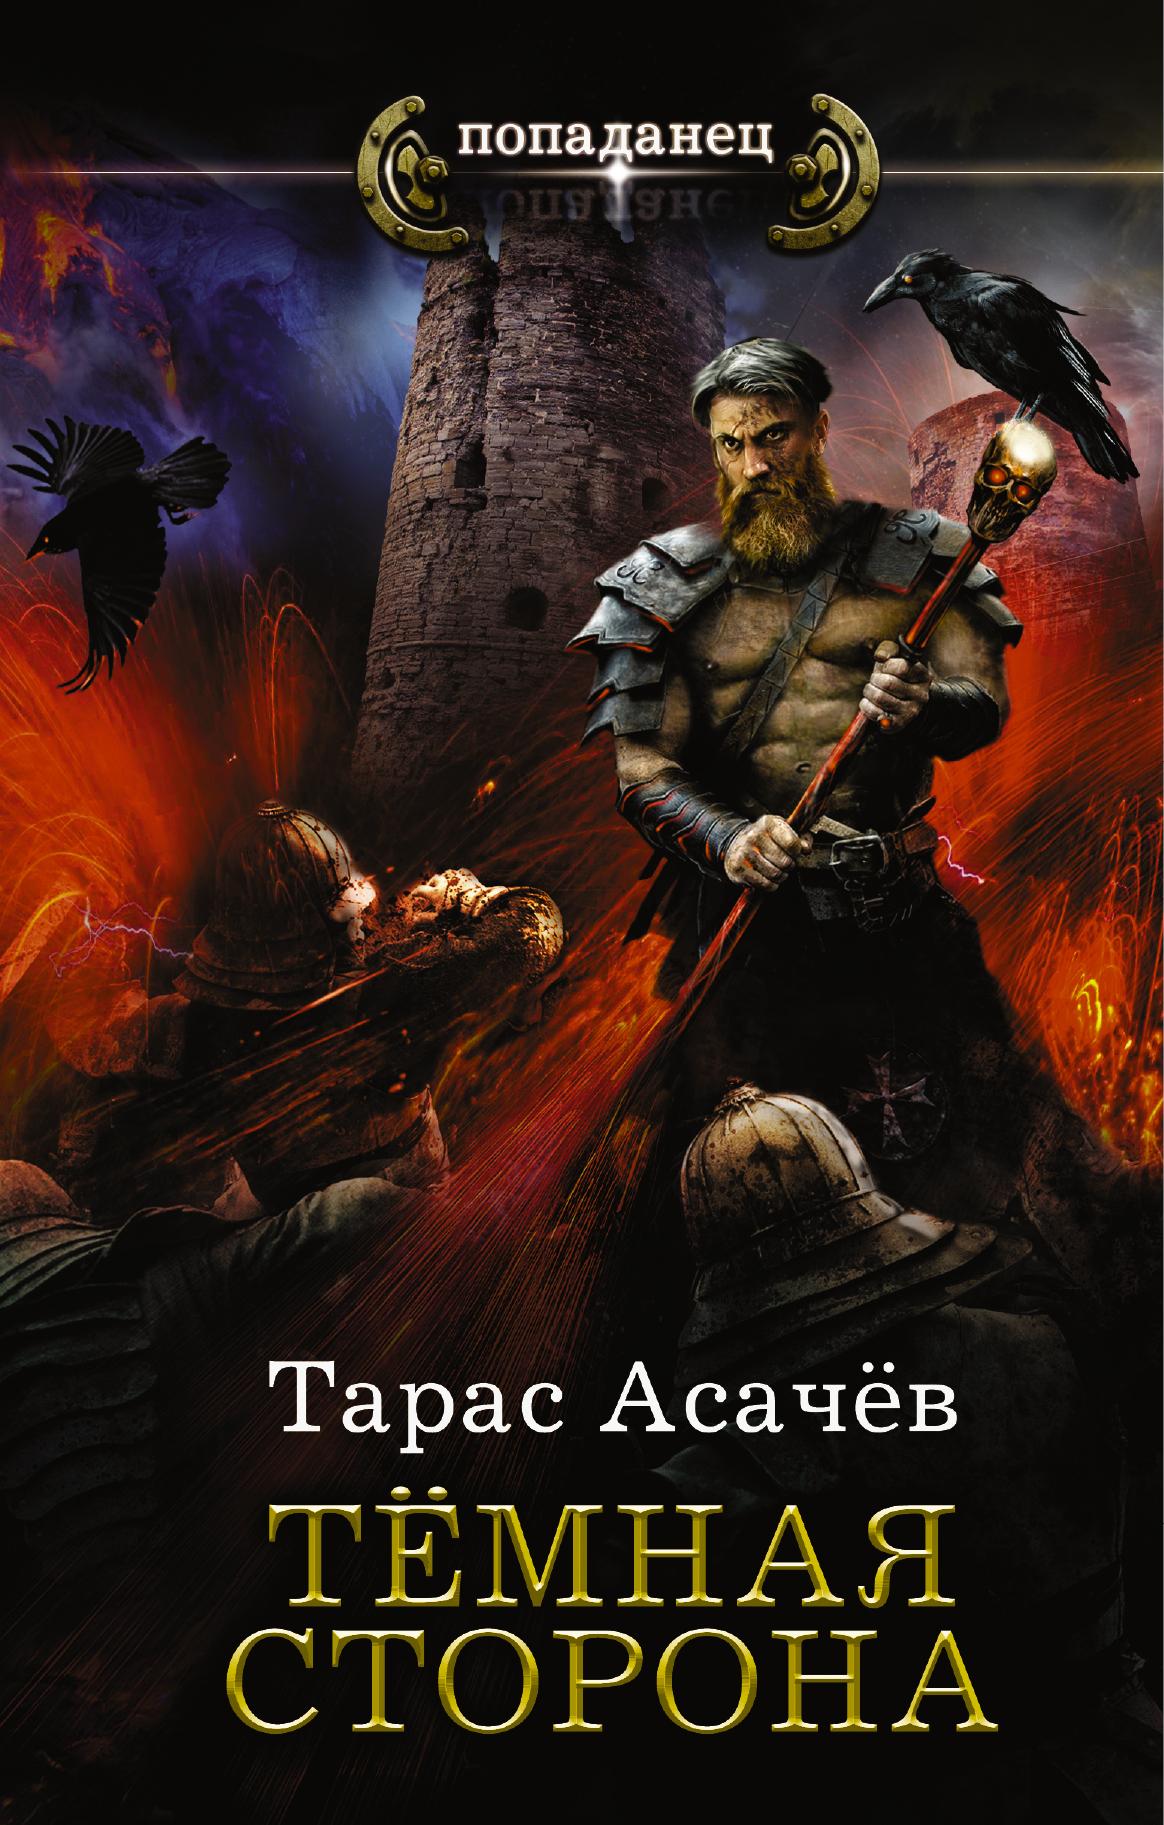 Асачёв Тарас Сергеевич Тёмная сторона палач от клопов в туле